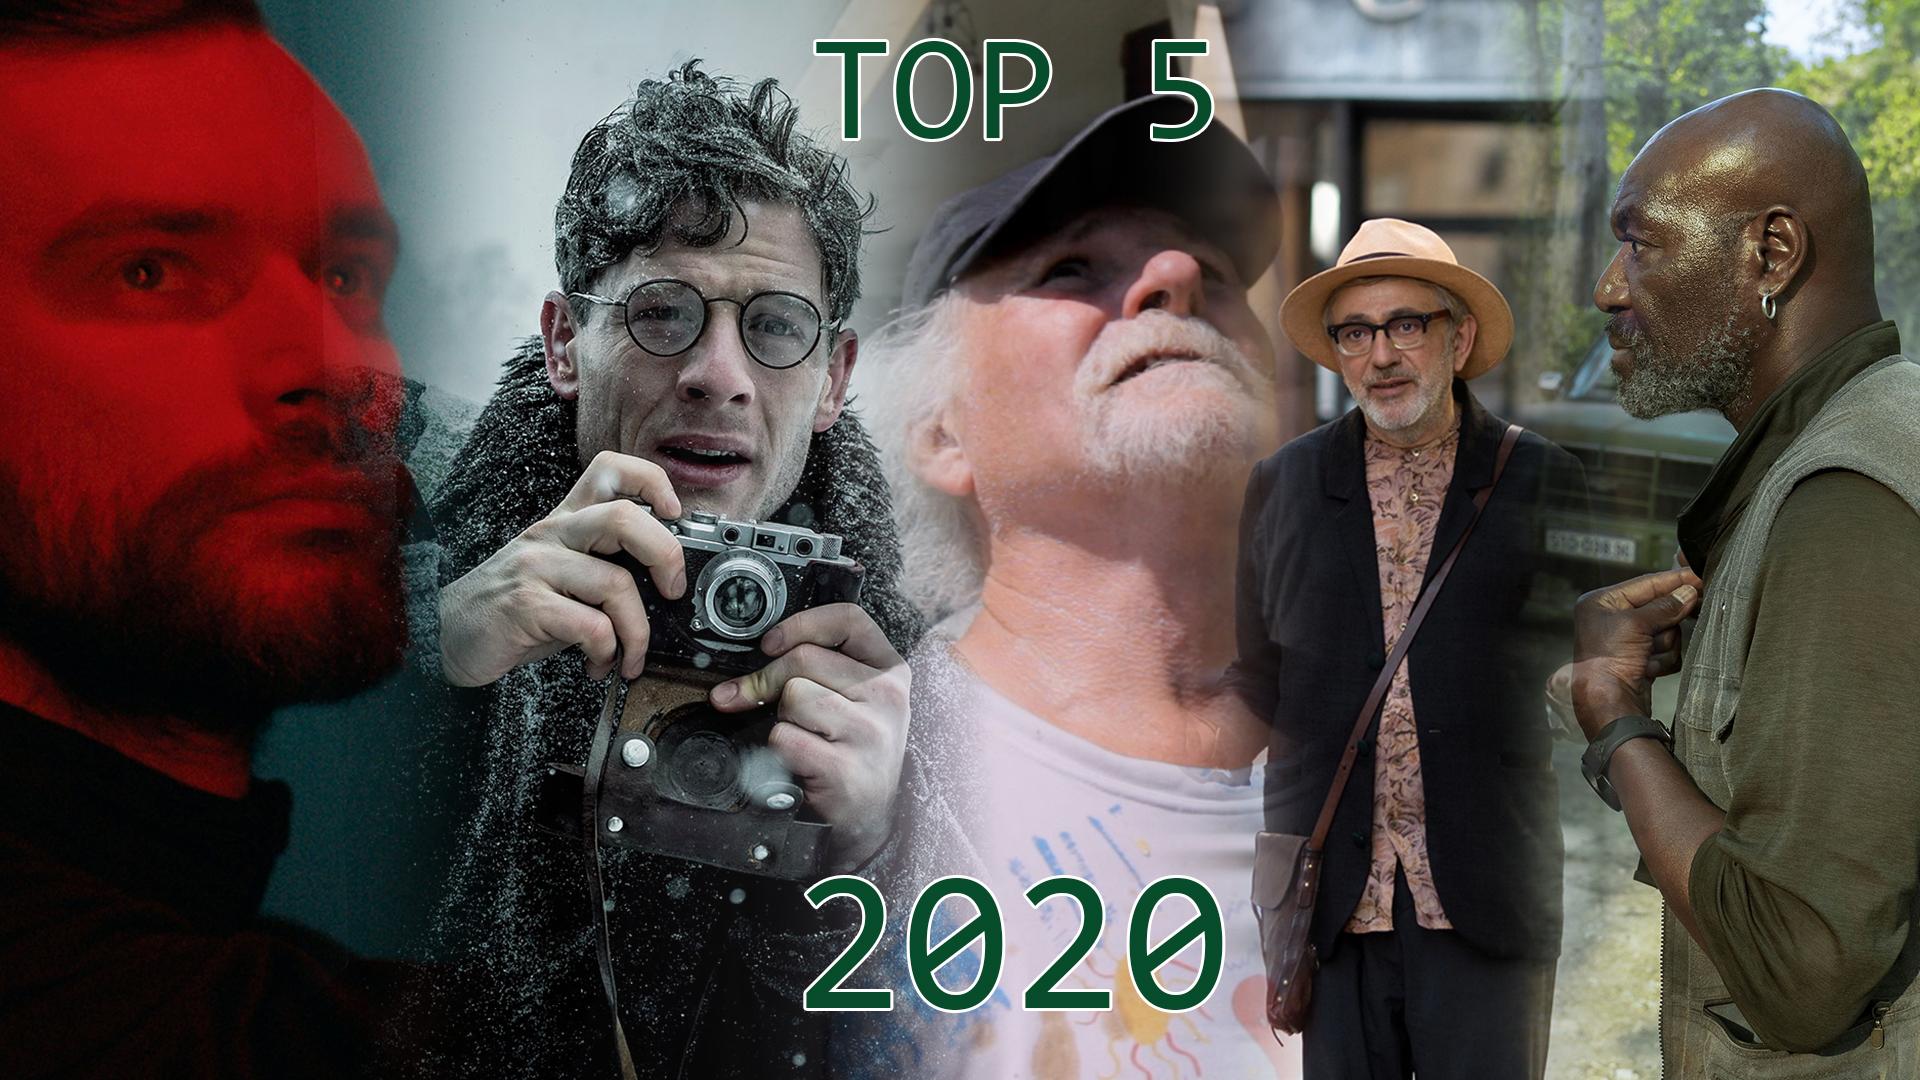 2020 – Orian's top 5